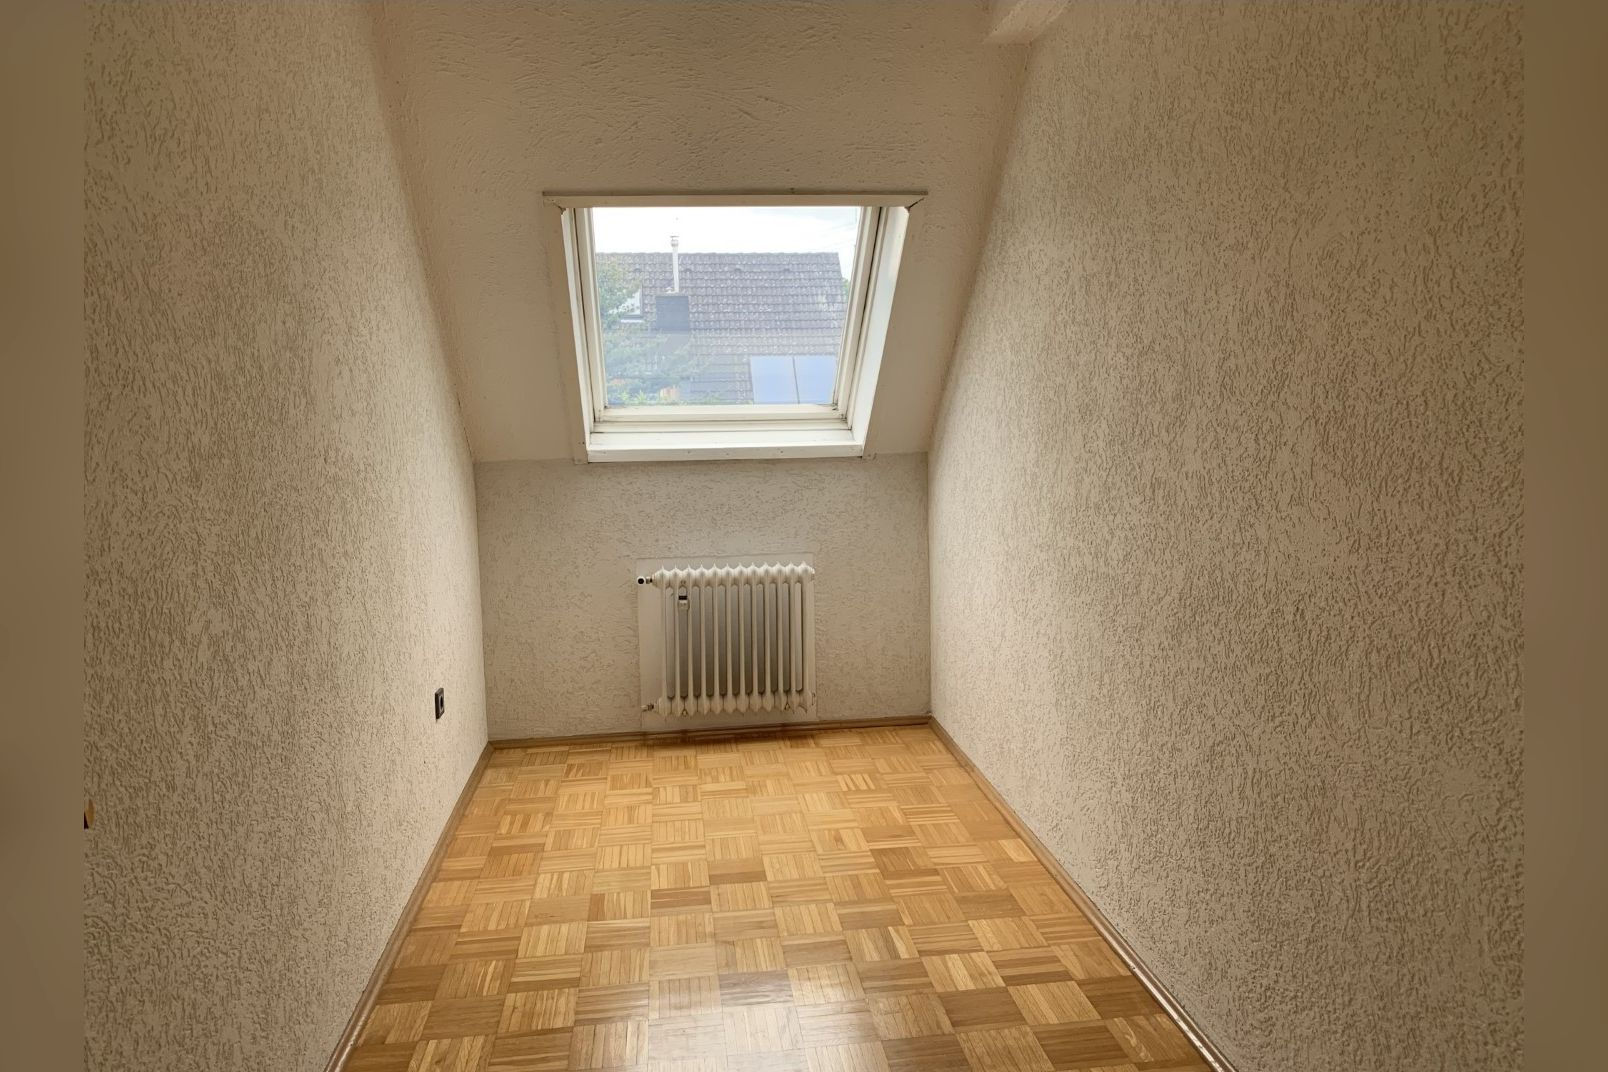 Immobilie Nr.0260 - Einfamilienhaus, zum 2-FH erweiterbar. Spitzboden als zusätzl. Ausbaureserve - Bild 14.jpg